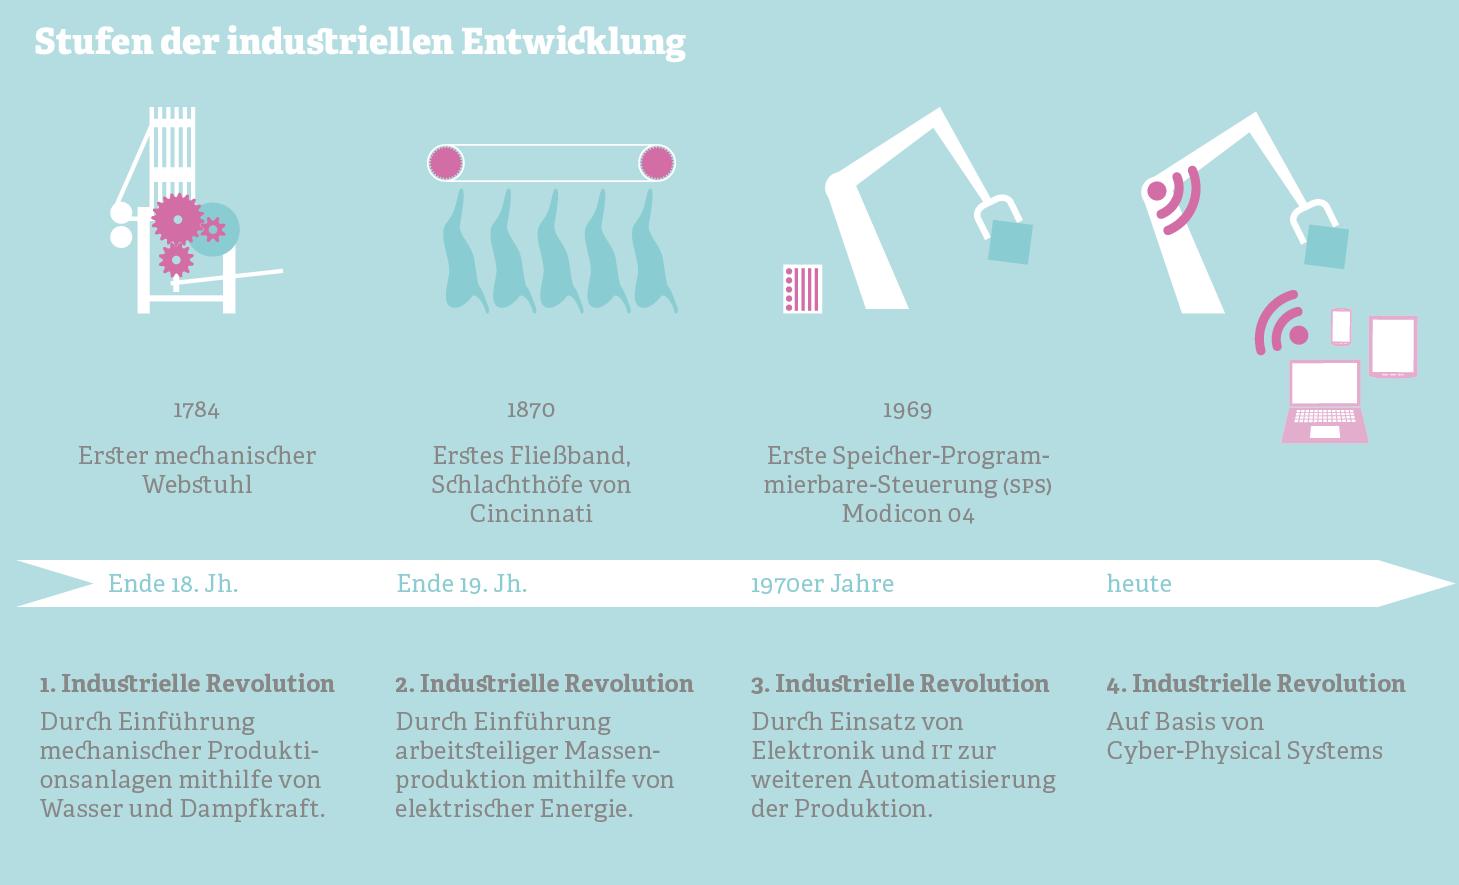 Grafik zu den Stufen der industriellen Entwicklung